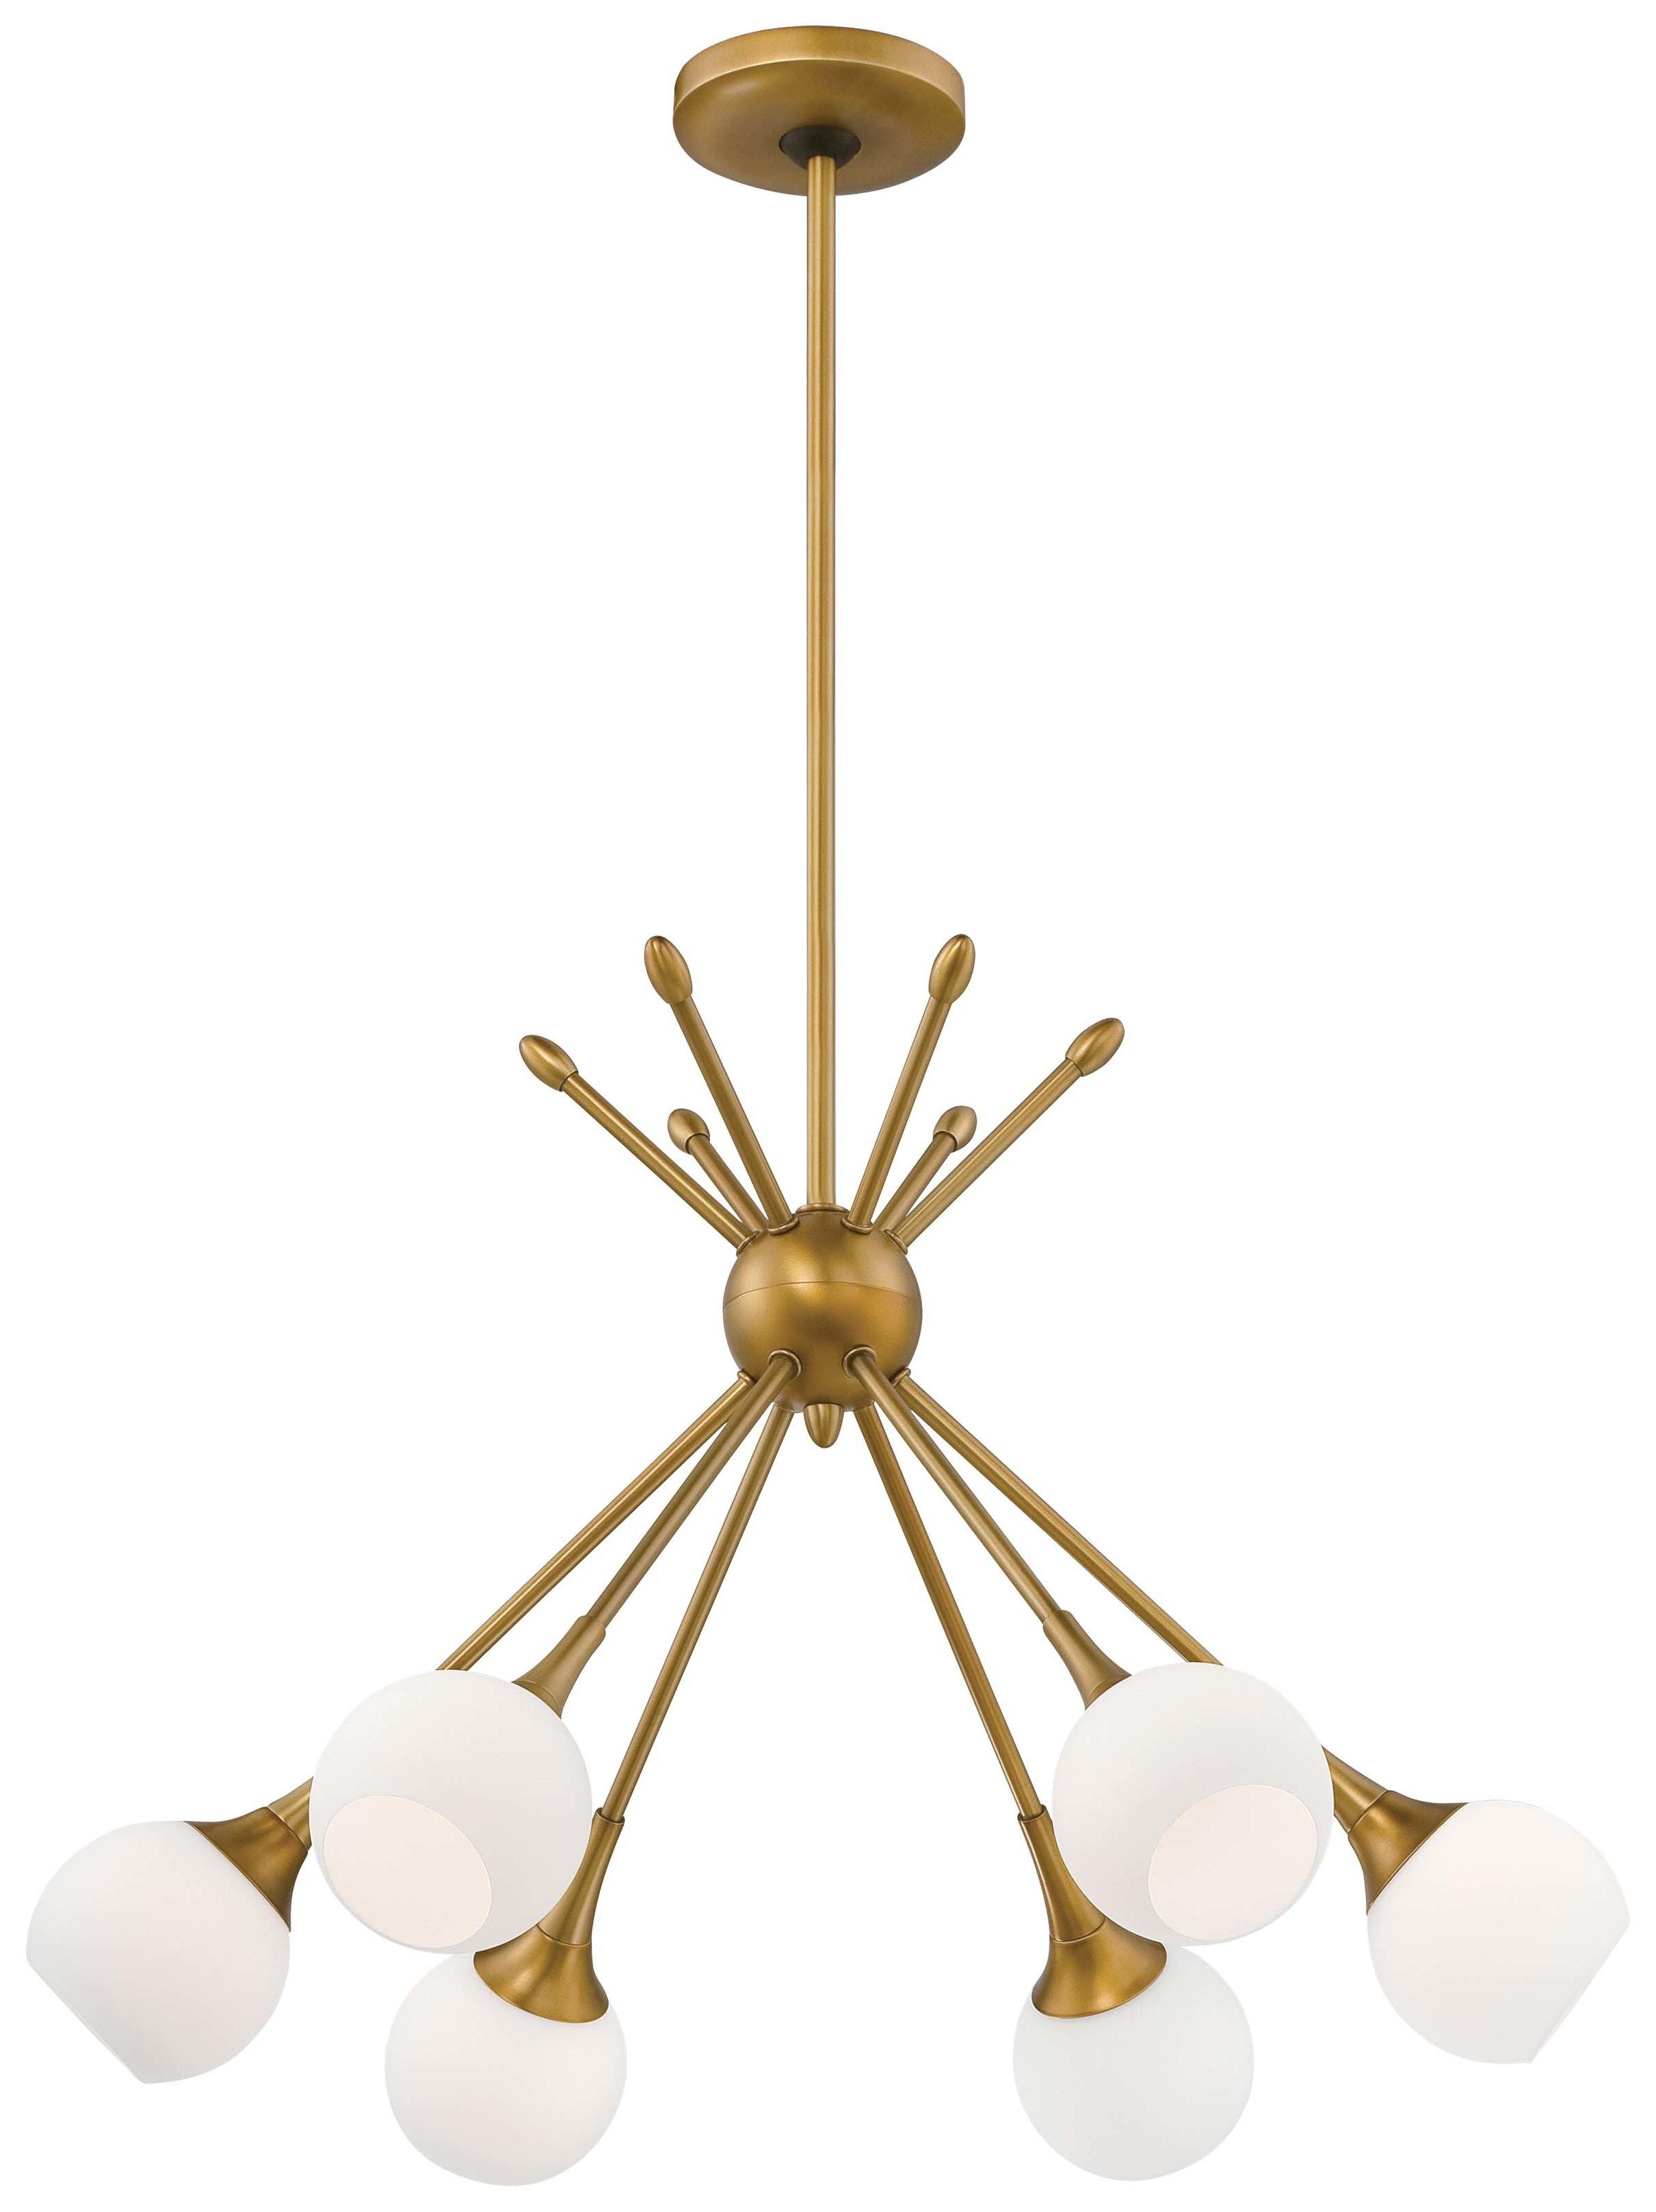 Bautista 6 Light Sputnik Chandeliers In Famous Silvia 6 Light Sputnik Chandelier (View 5 of 20)